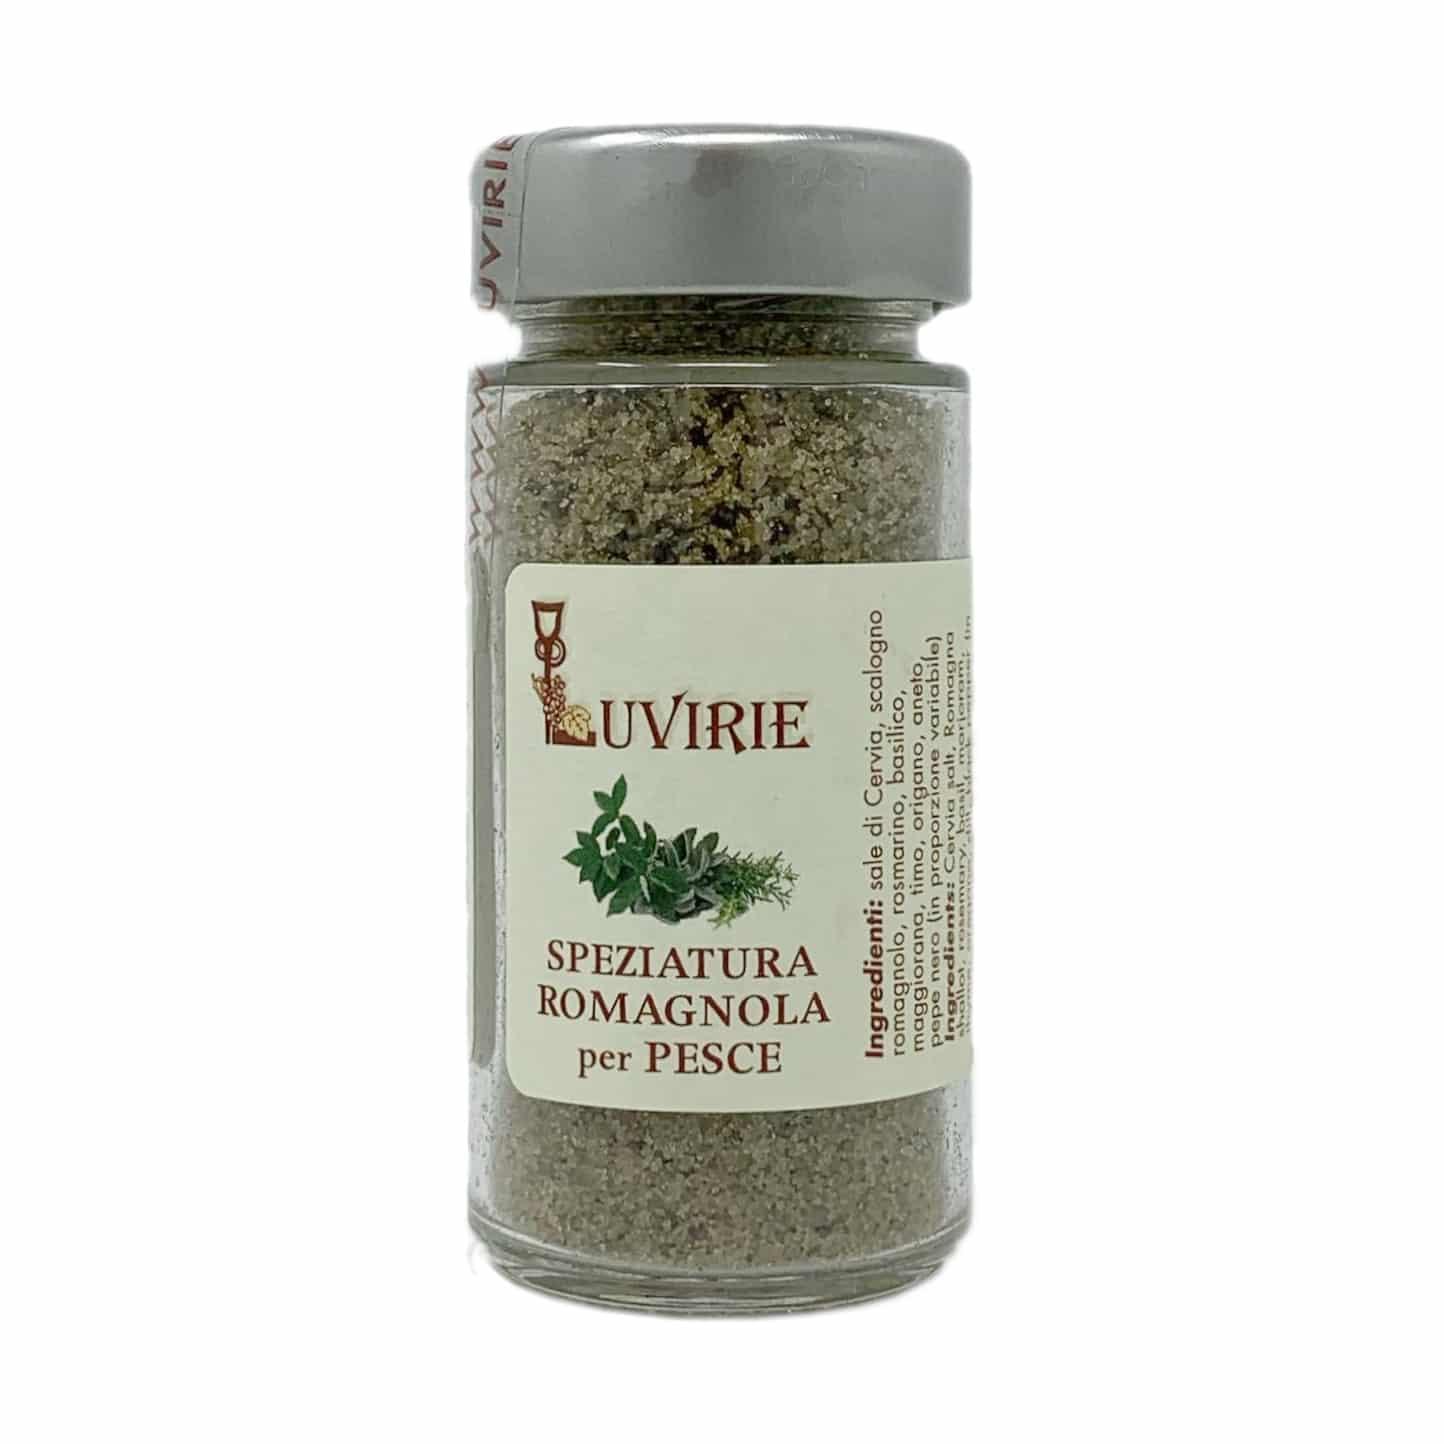 SPEZIATURA ROMAGNOLA PER PESCE 100G Luvirie - prodotti tipici romagnoli